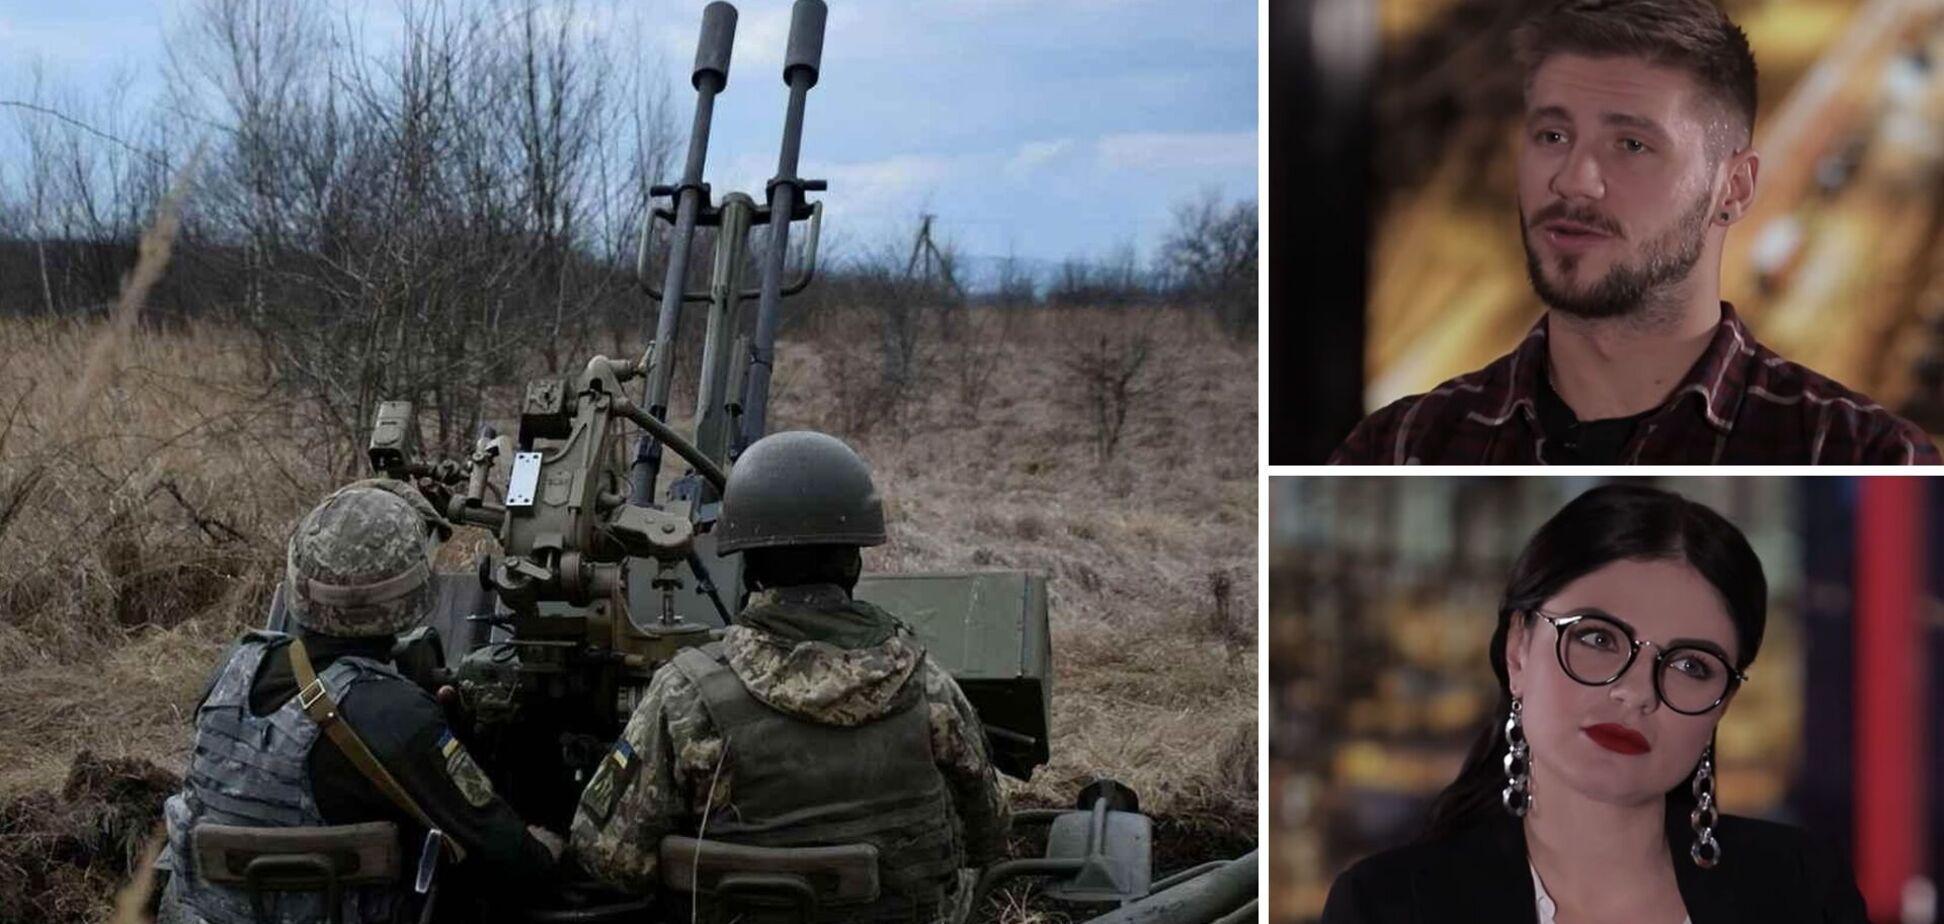 Ветеран АТО Ананьев: когда на тебя сыплются 'Грады', проблемы перестают существовать. Интервью